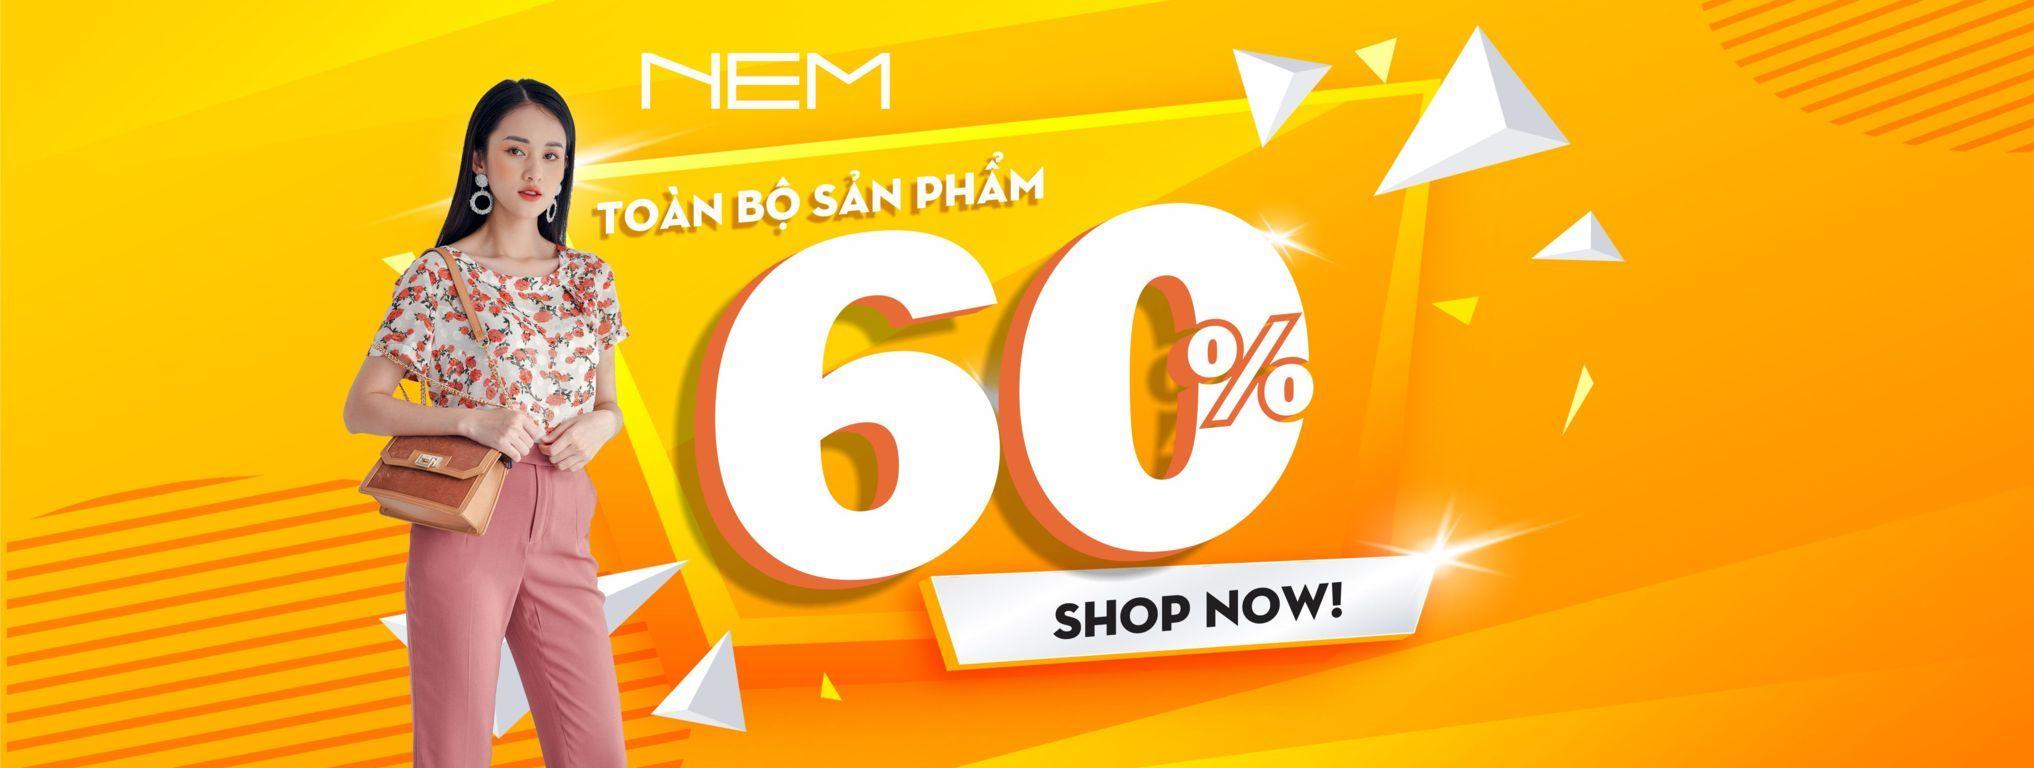 Chương trình ưu đãi khách hàng lên đến 60% của NEM Fashion